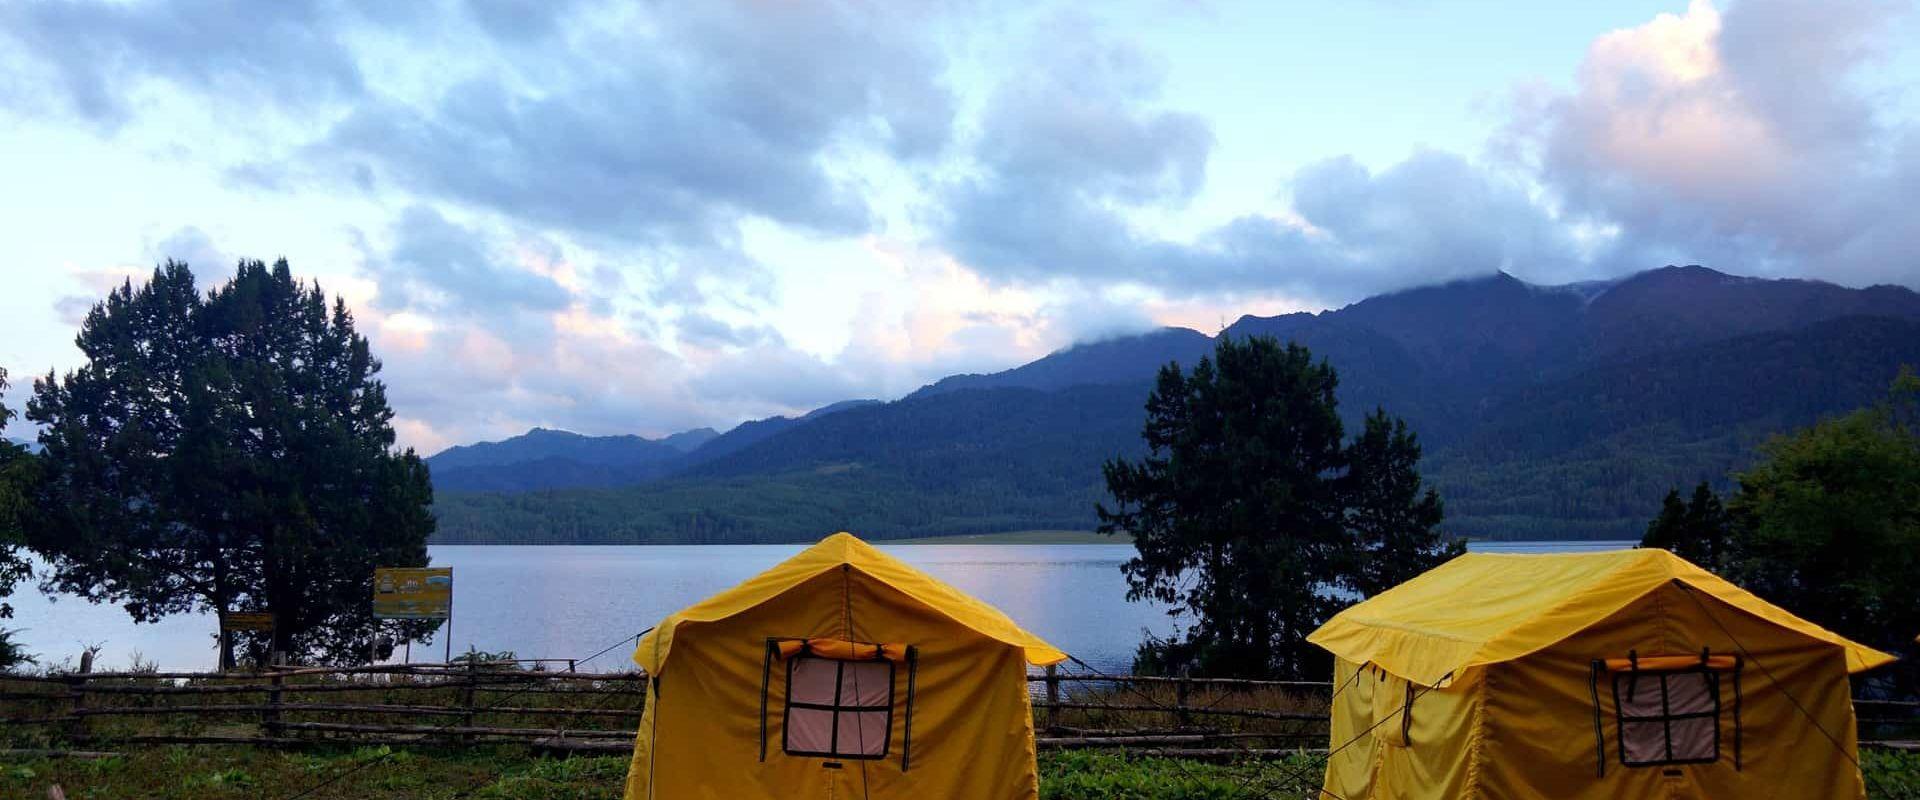 Camping & Chillax by Rara Lake